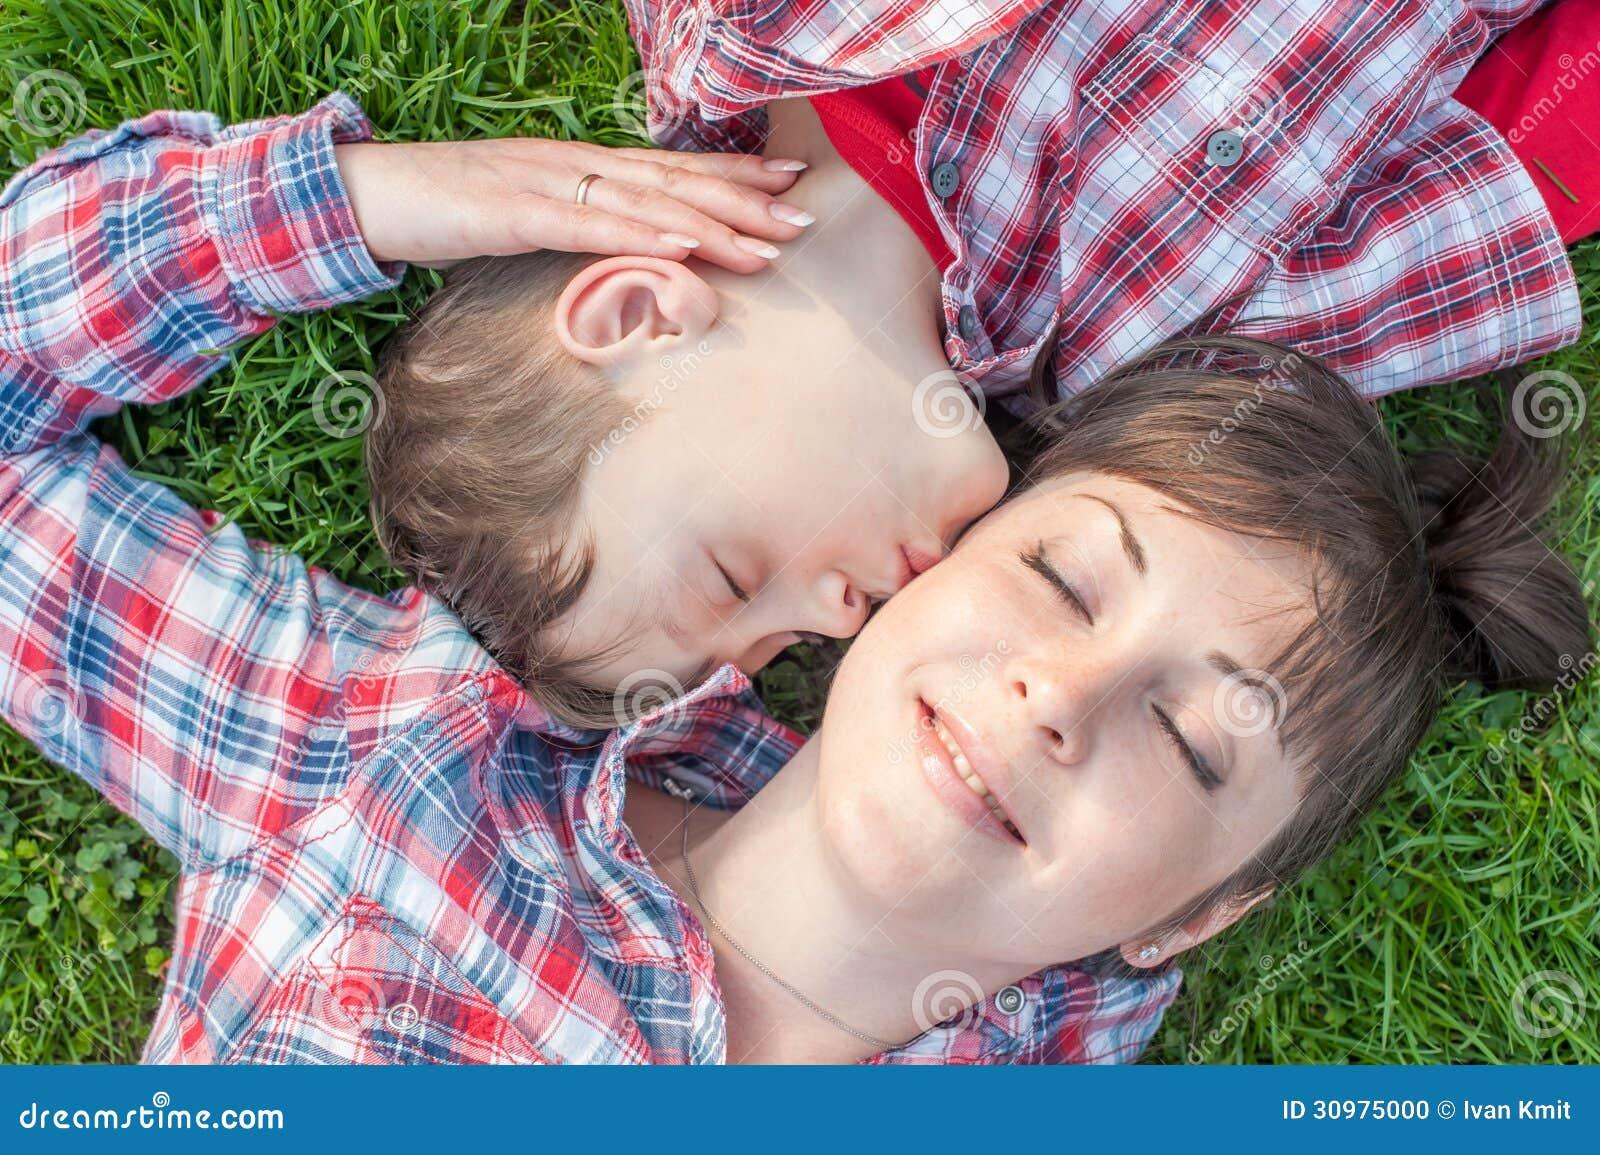 Смотреть сын и мама 14 фотография